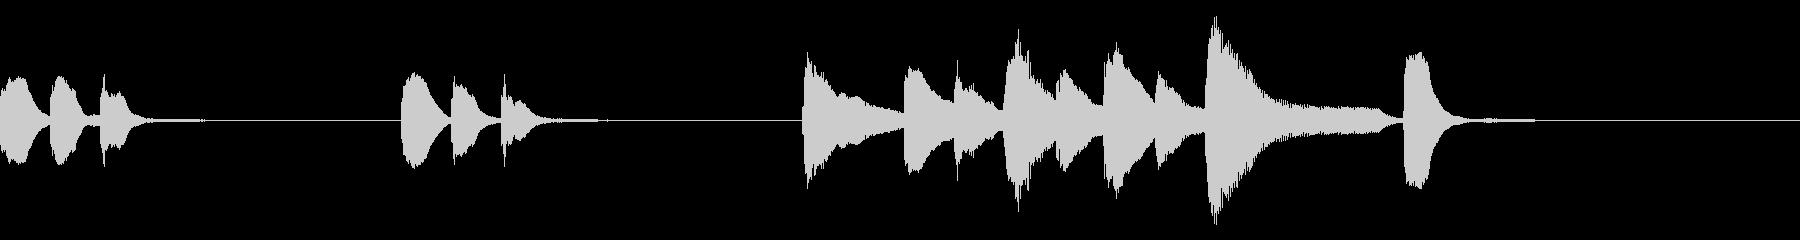 アイキャッチ、ジングル向けピアノソロの未再生の波形